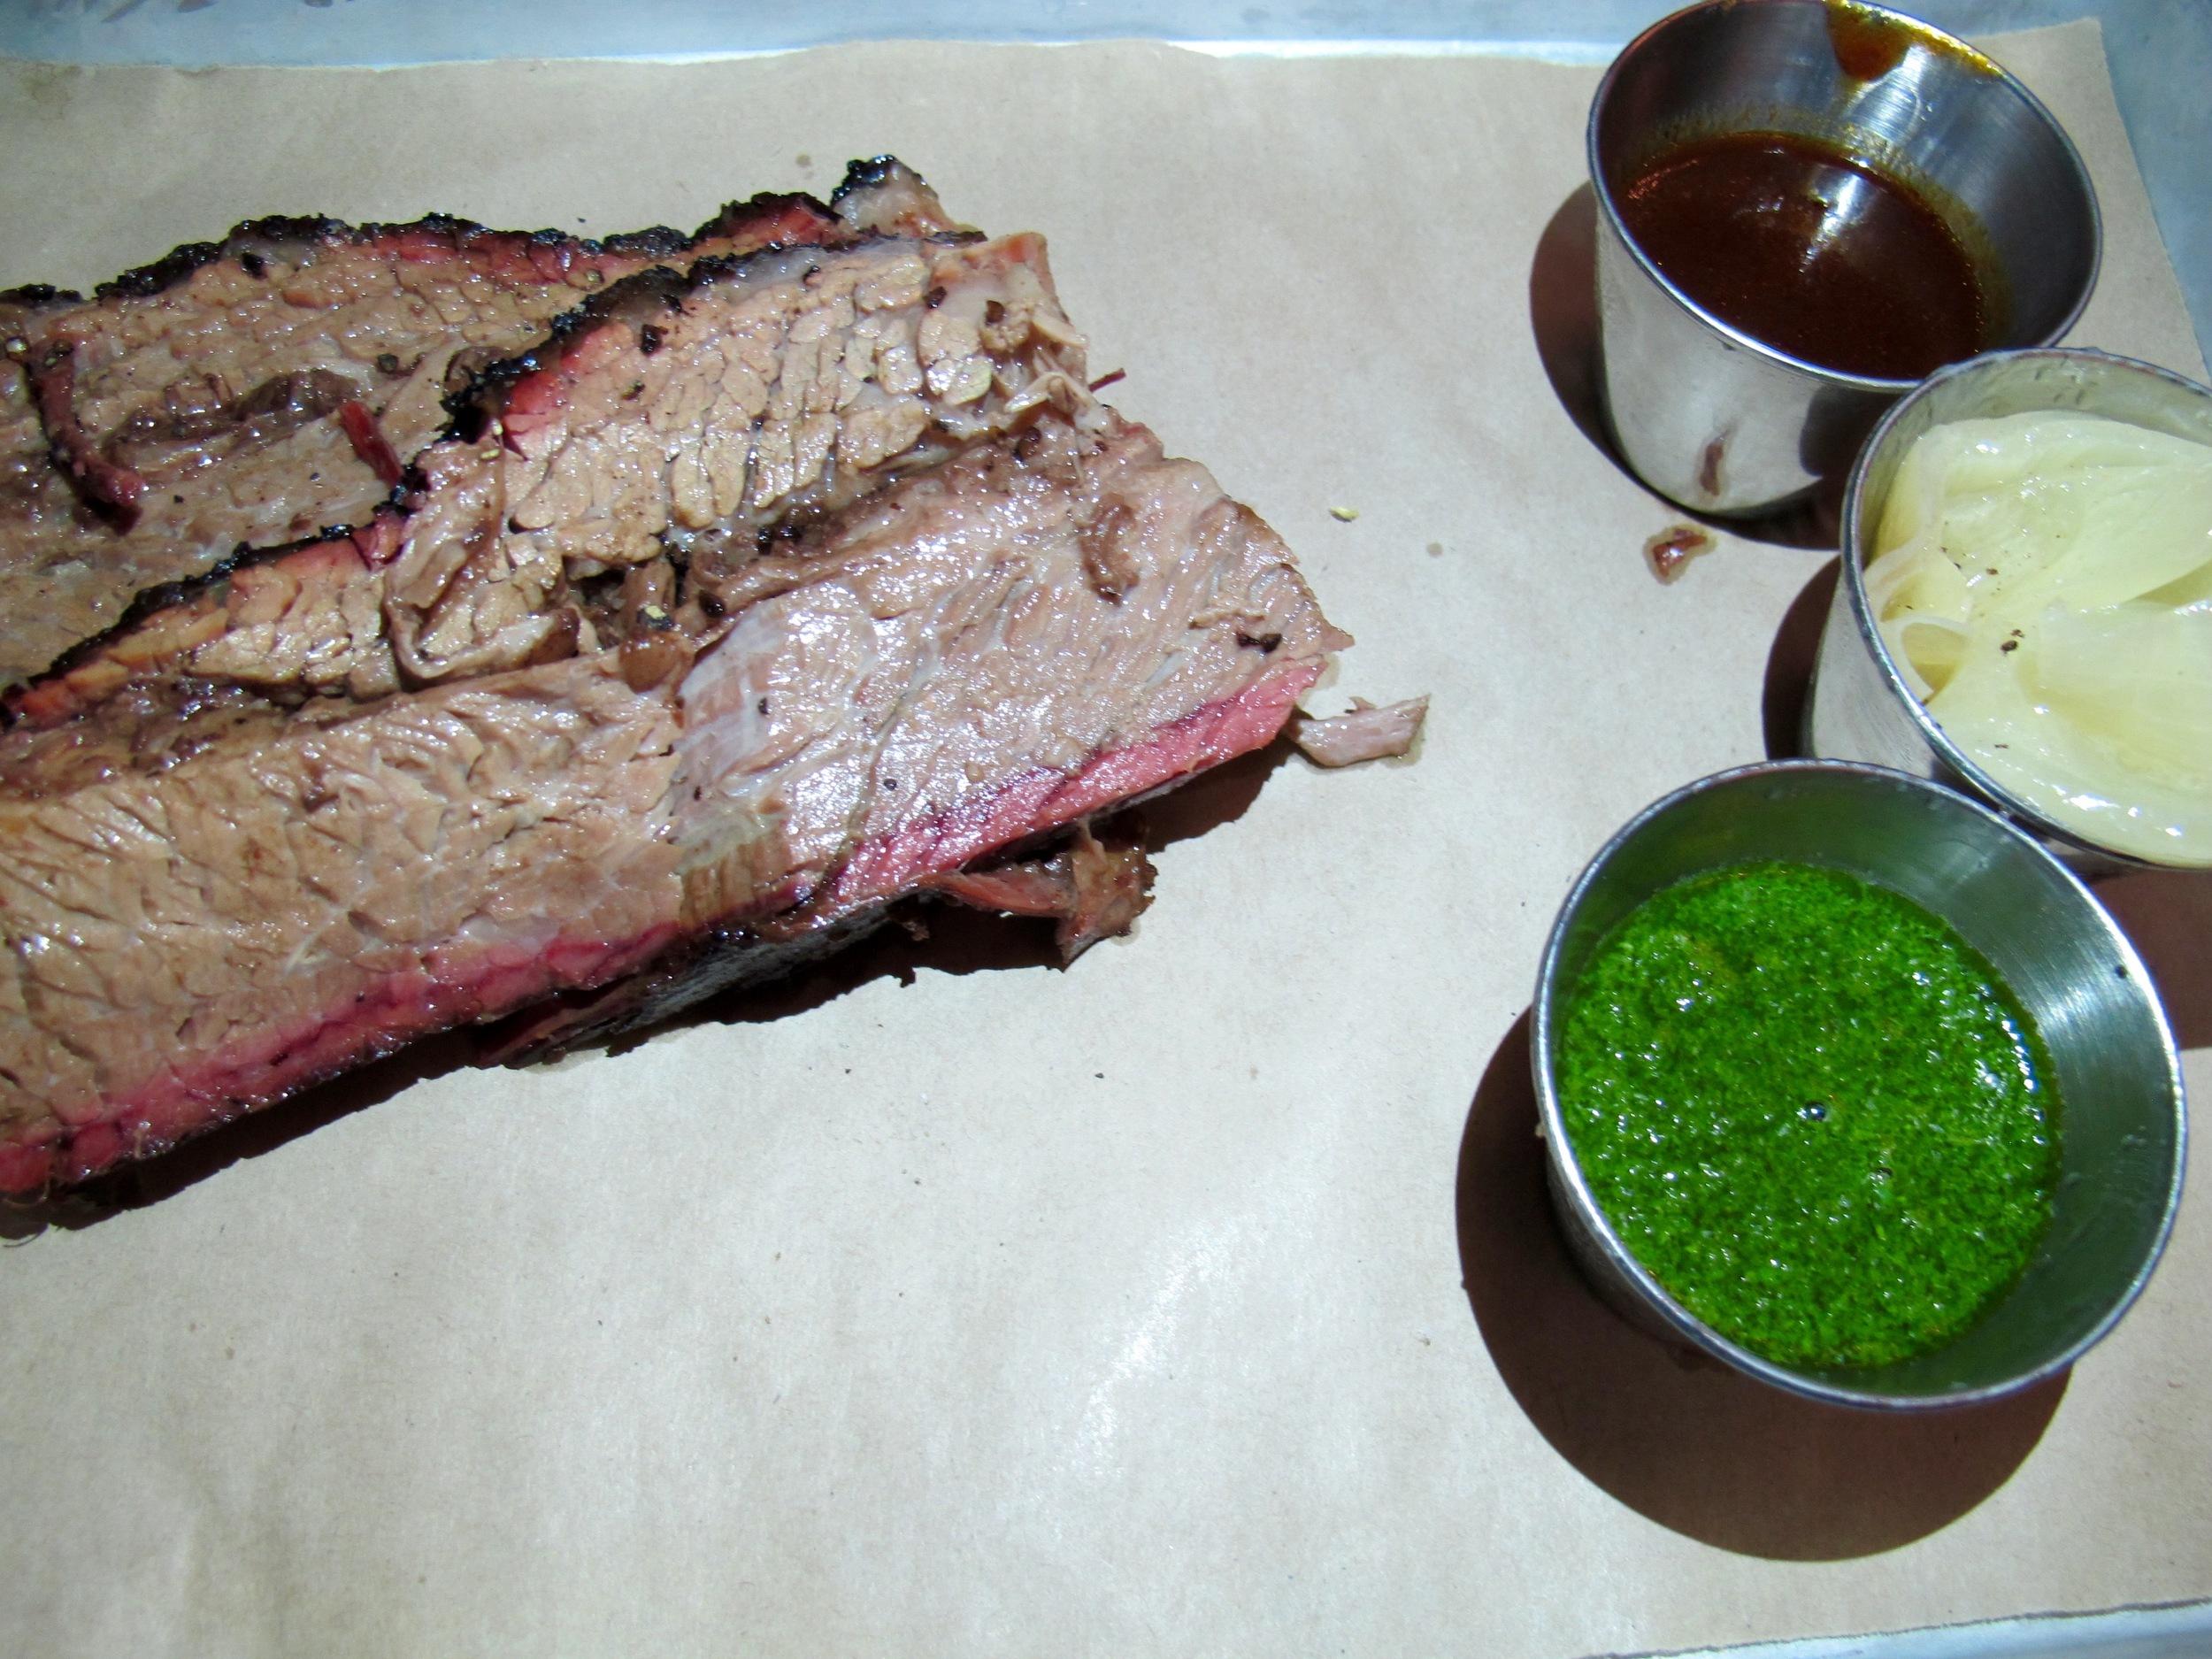 Maple Block Meat Co best brisket